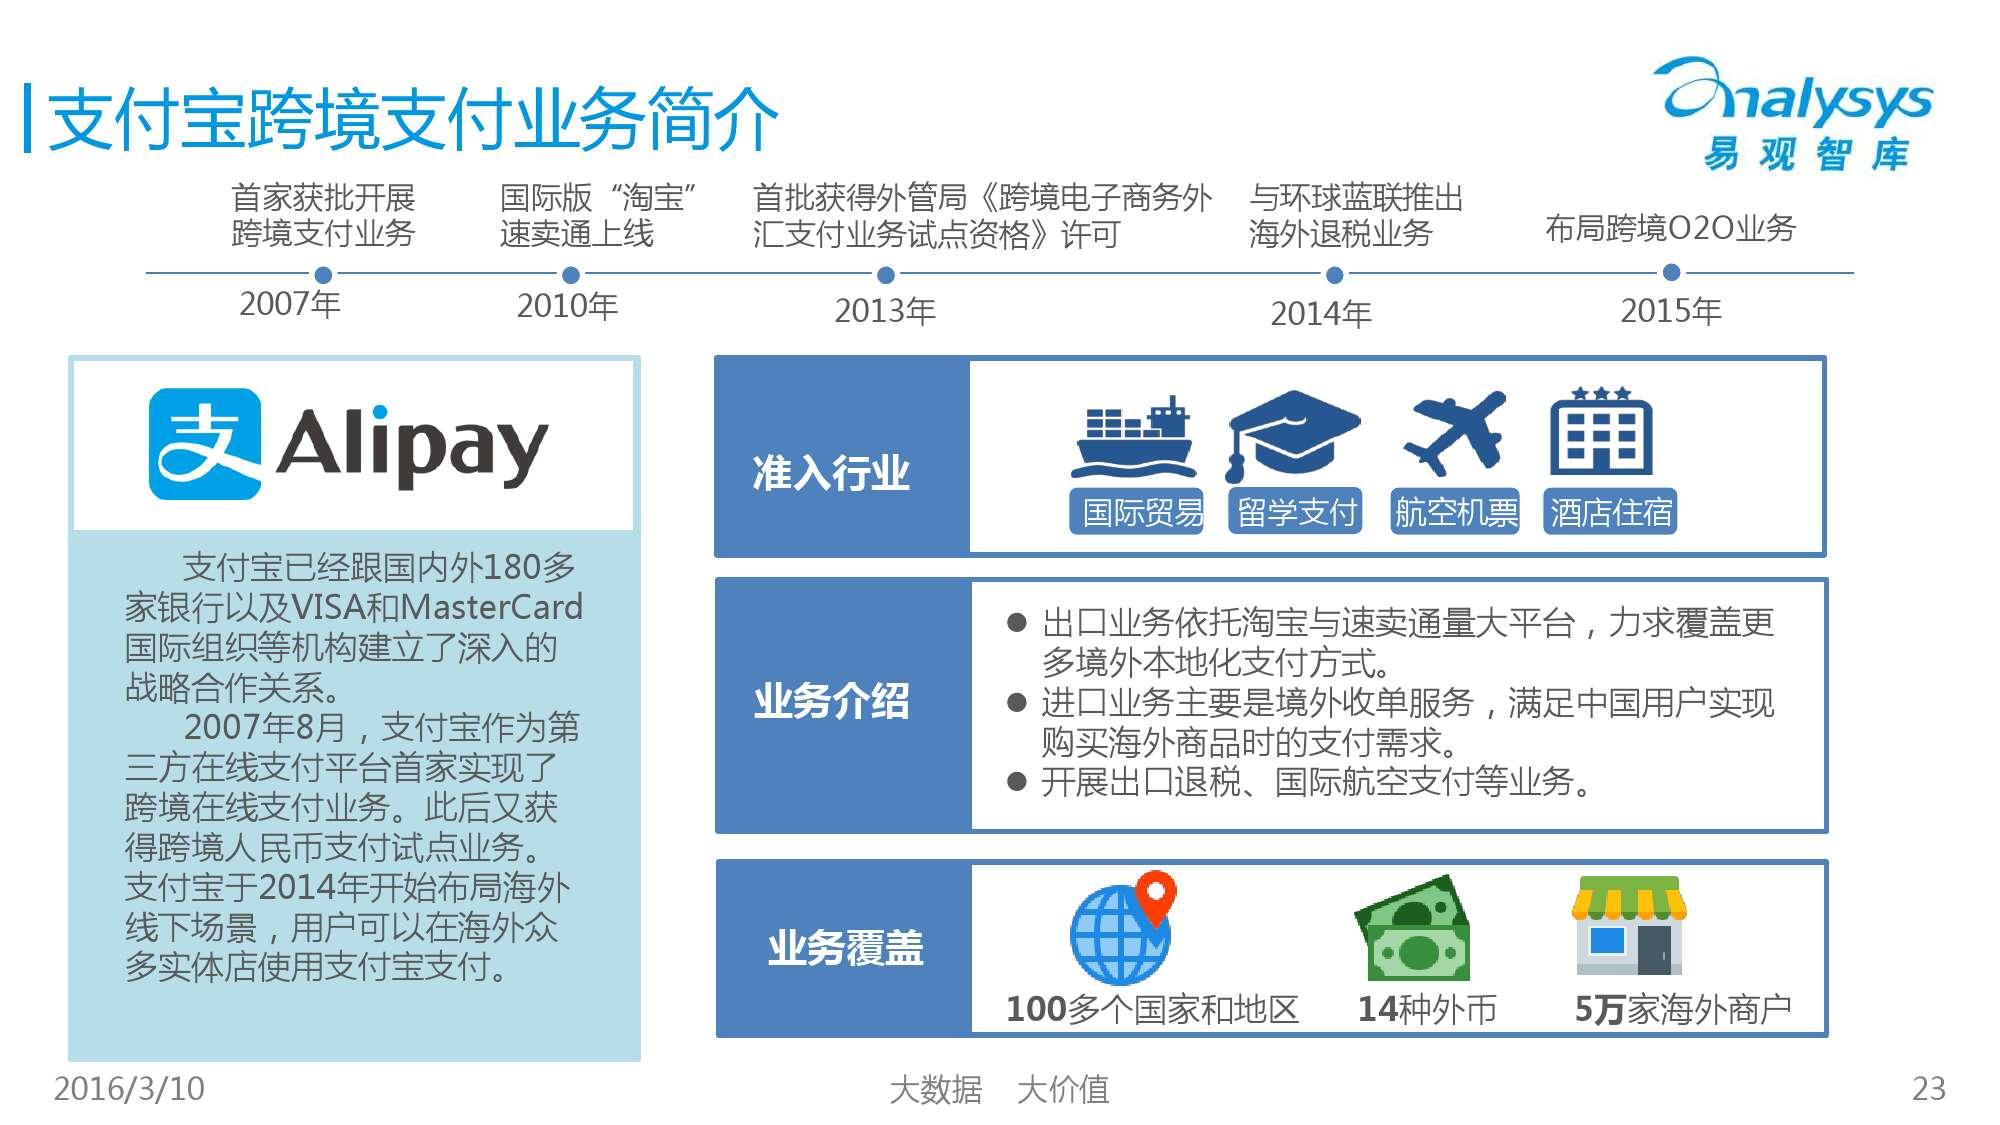 中国跨境支付市场专题研究报告2016_000023